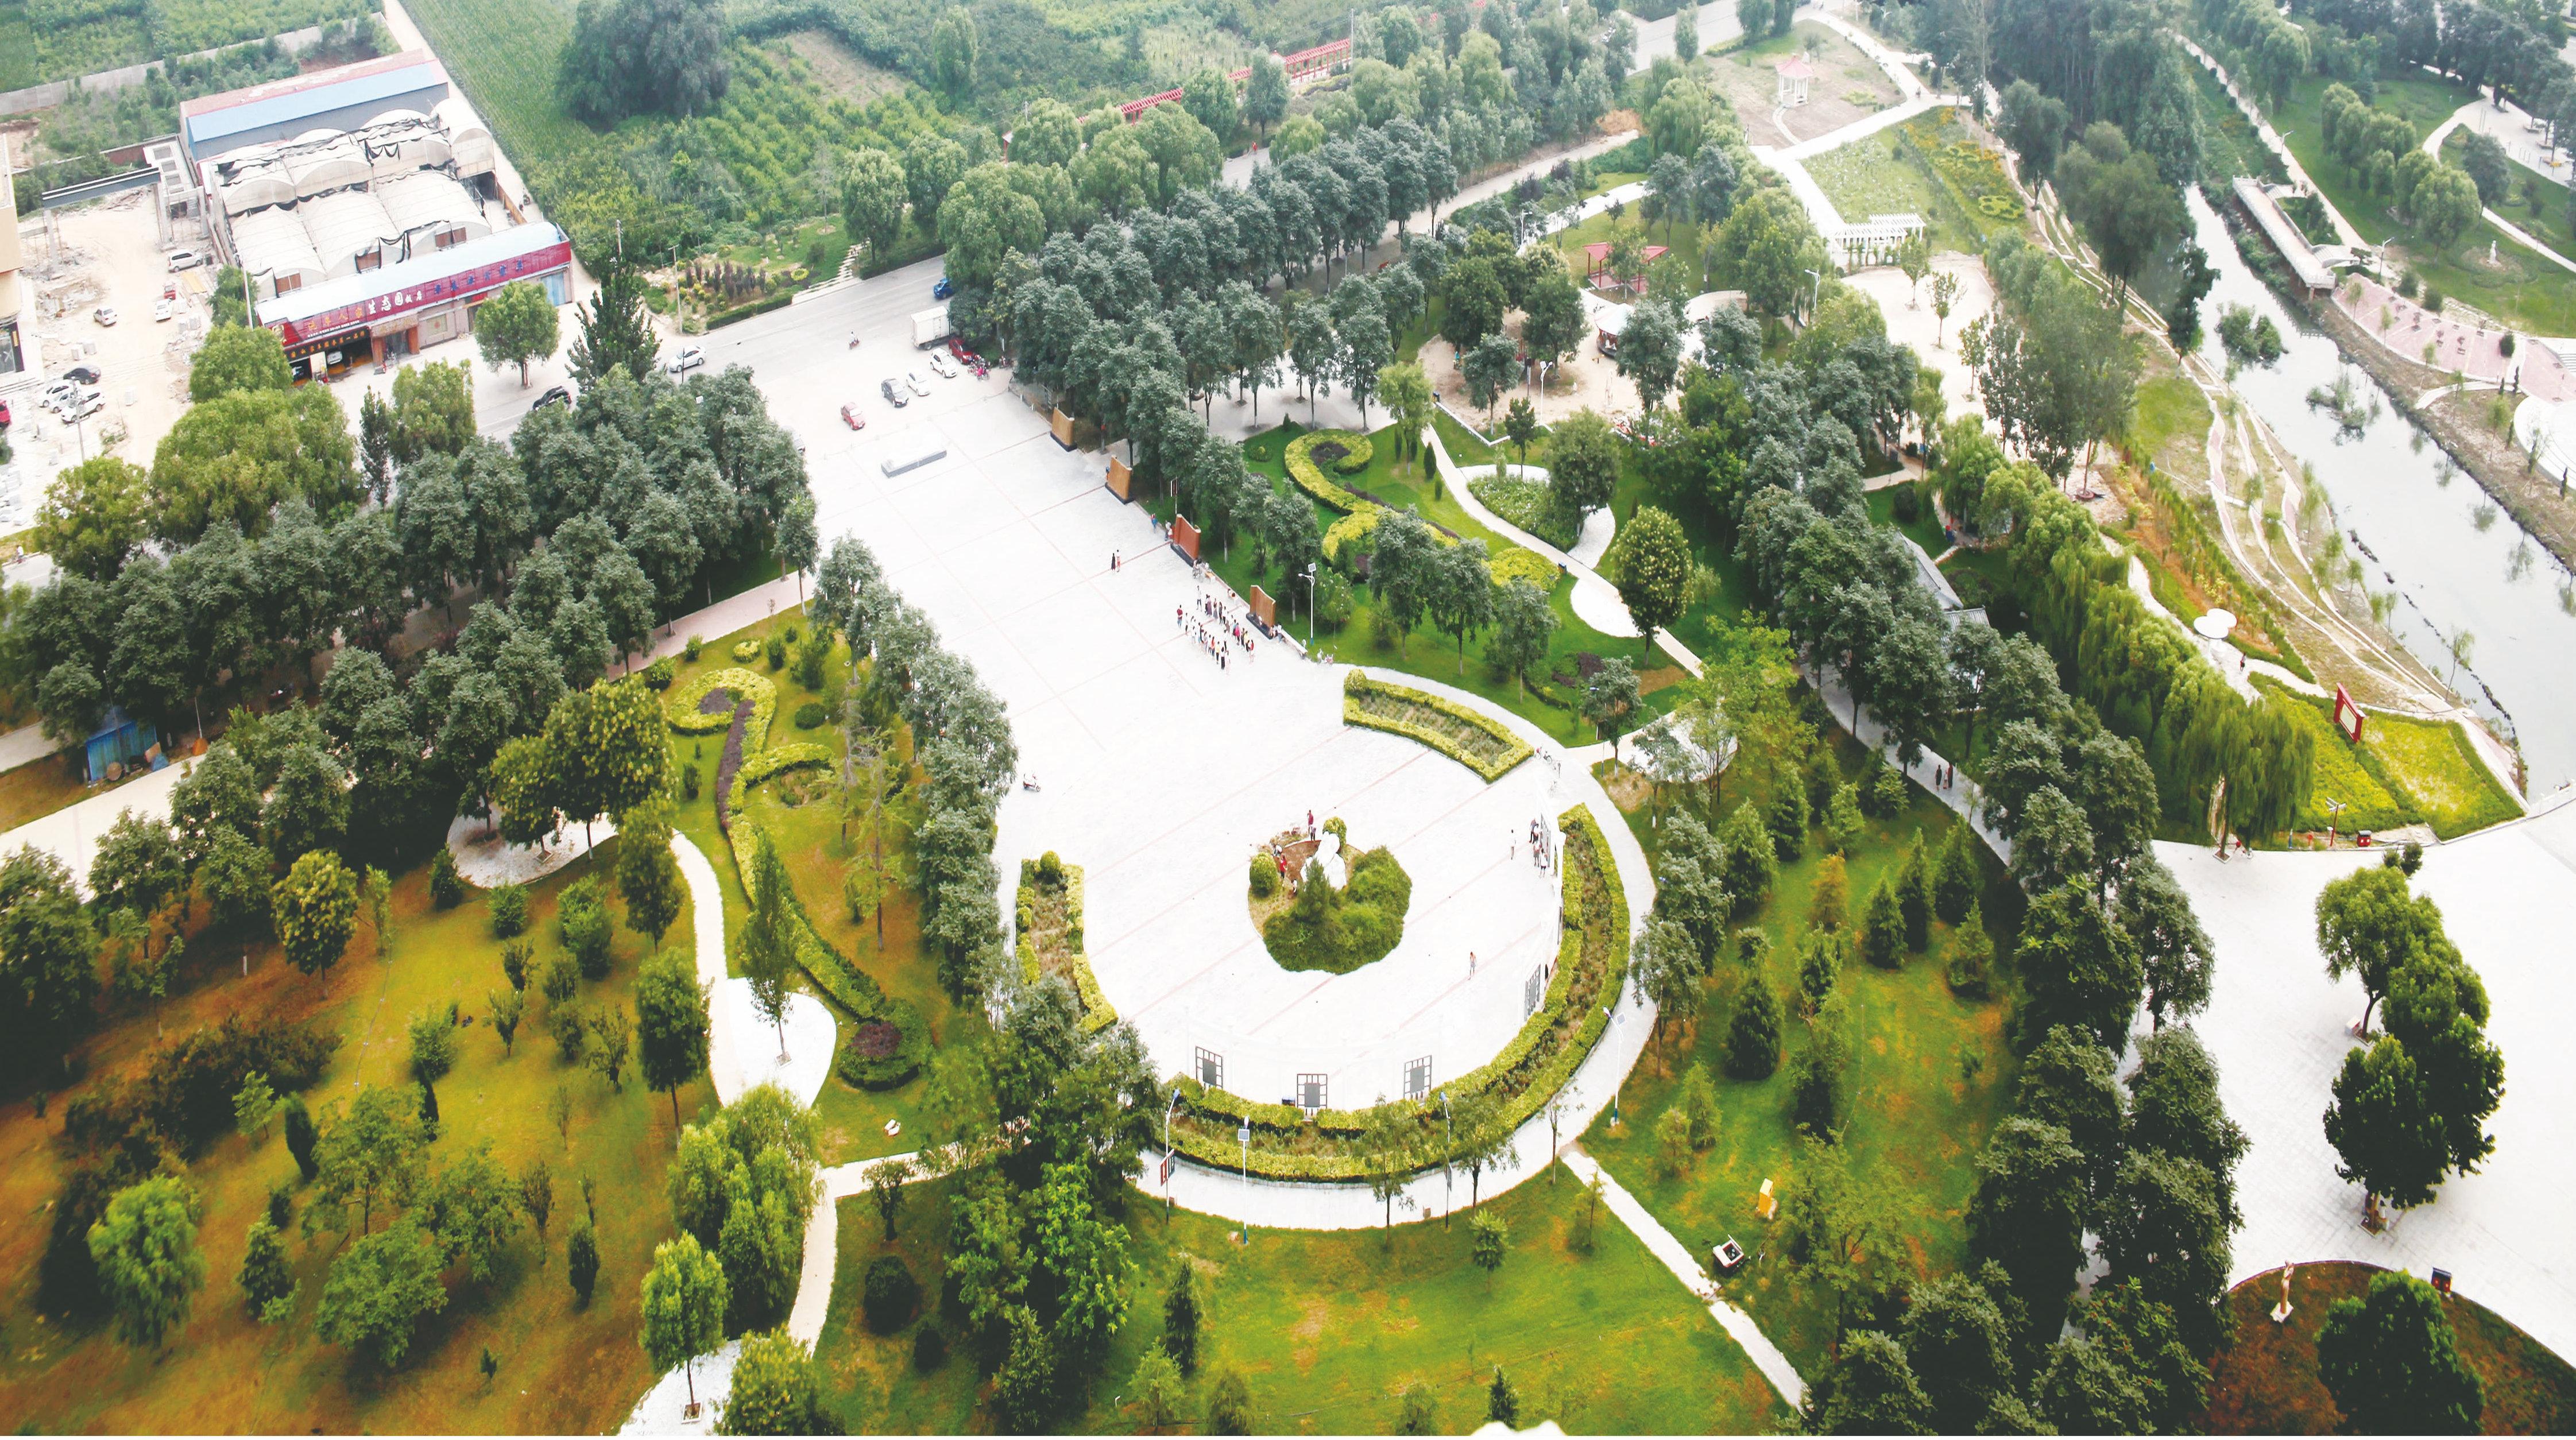 范蠡文化公园鸟瞰图